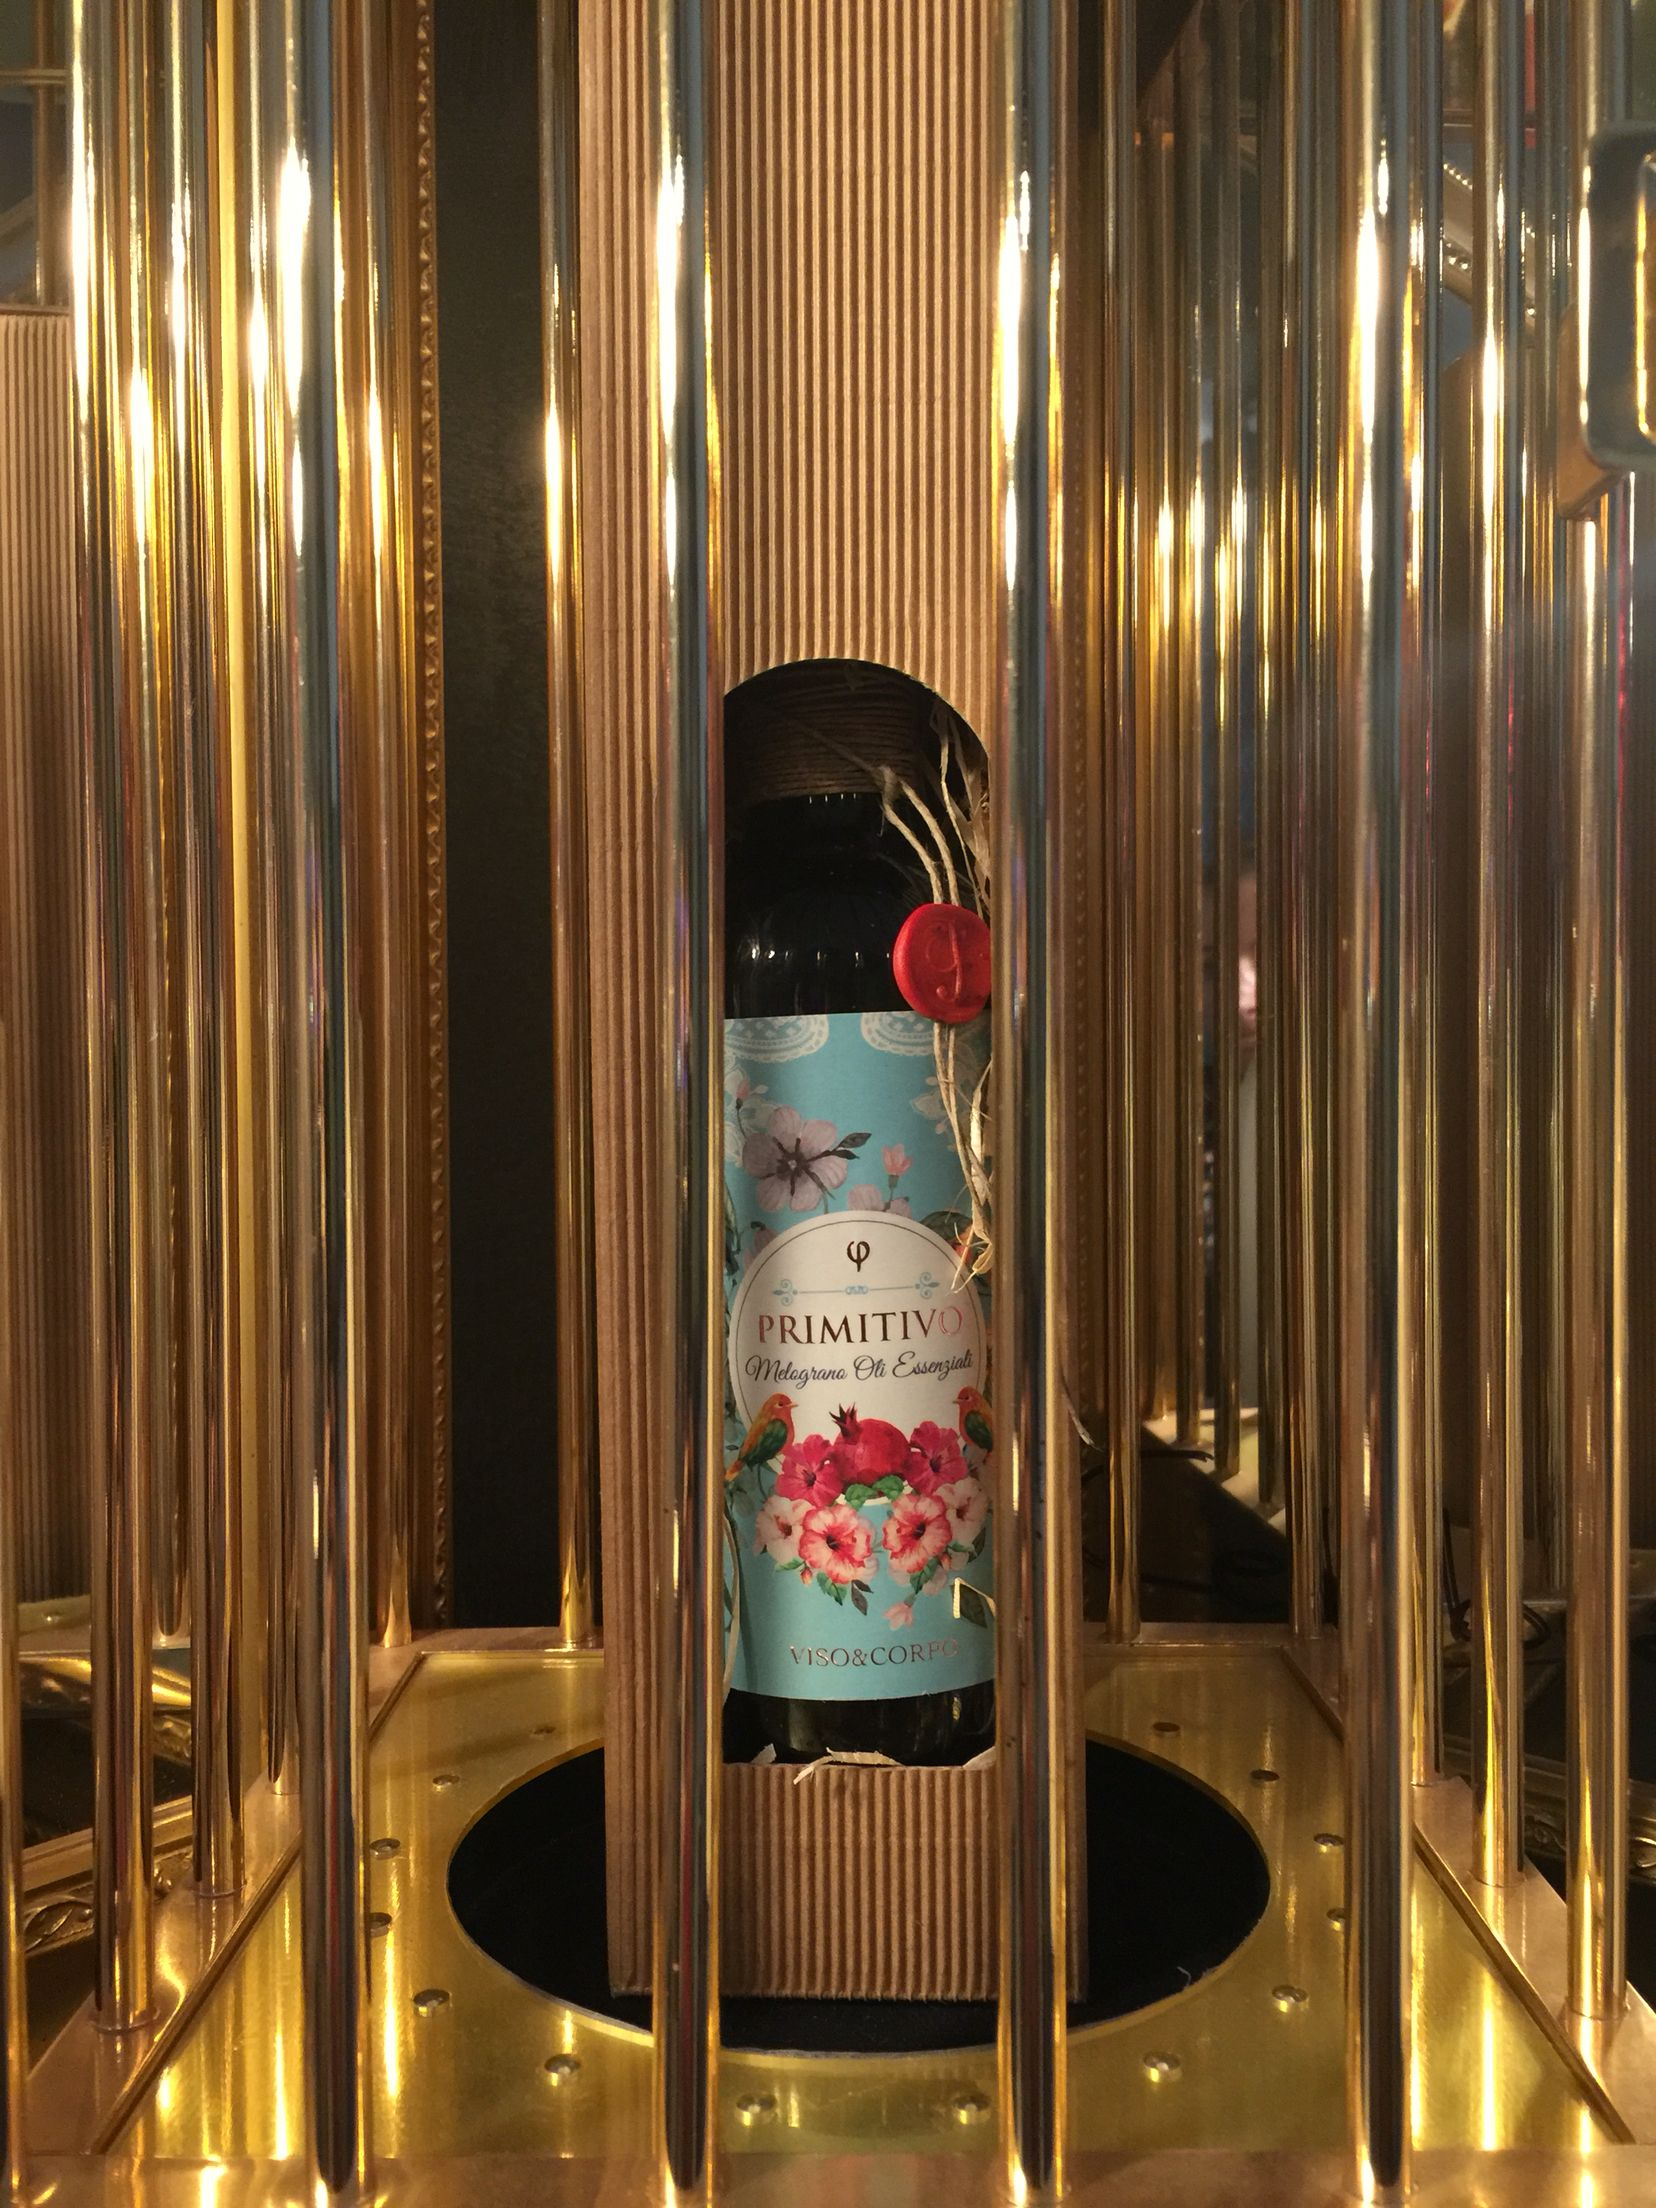 Primitivoil #pronto olio di melograno oli essenziali #miele #wine